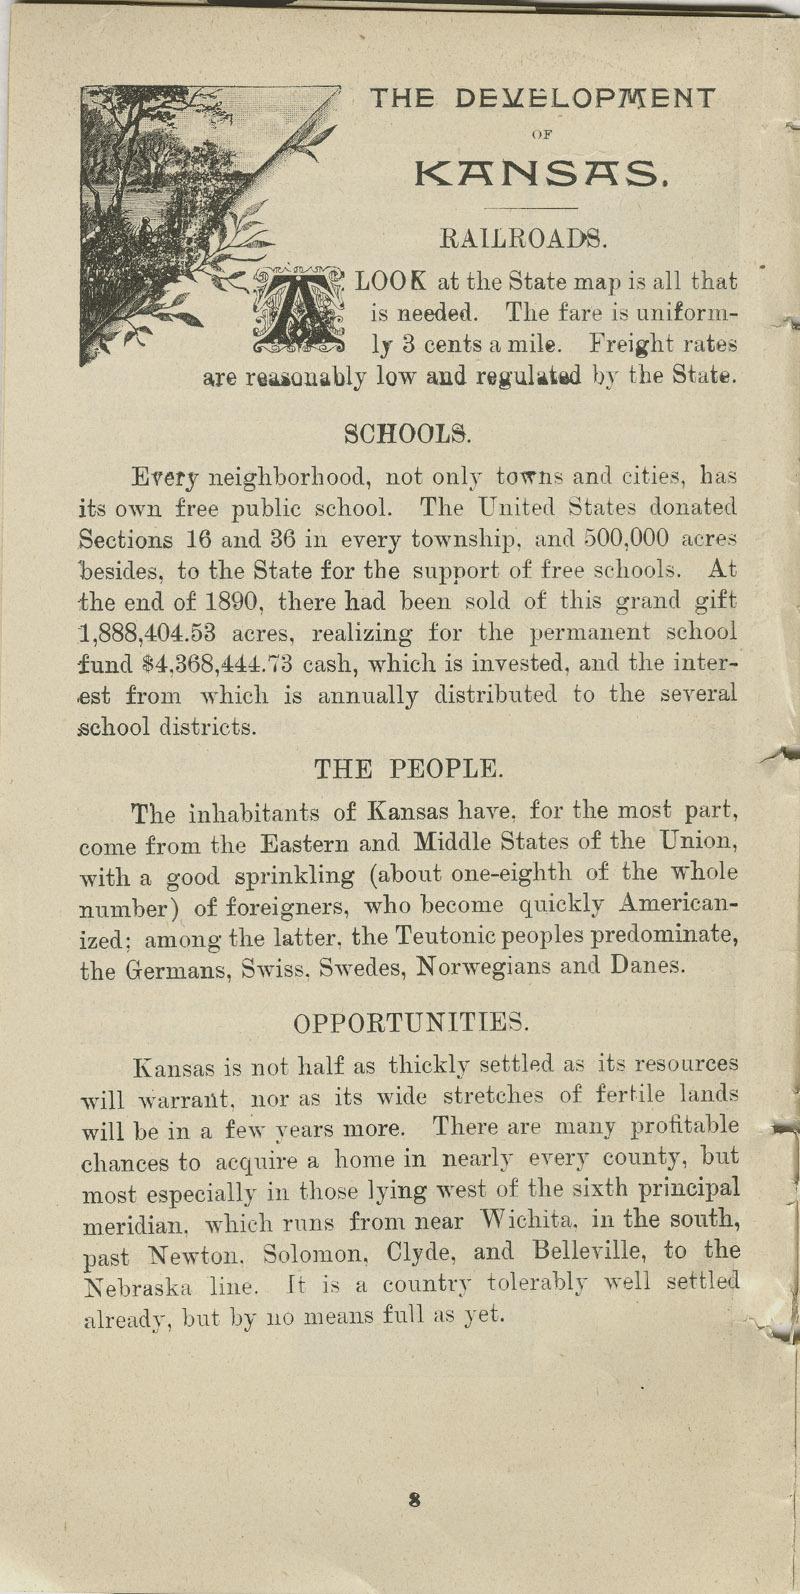 Lands in Kansas - pg. 8